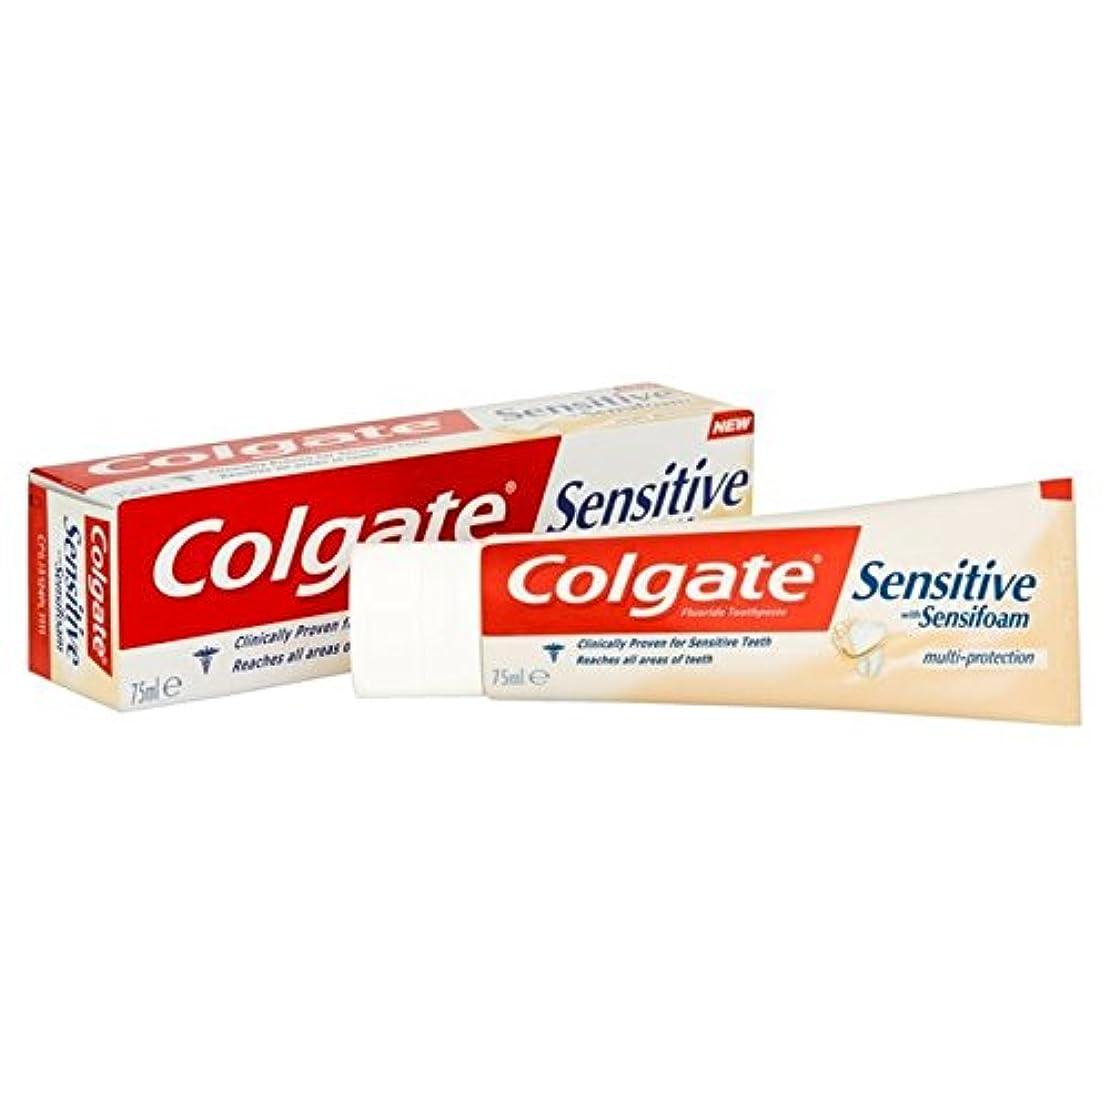 データベース冒険住居コルゲート敏感な泡は、マルチ歯磨き粉75ミリリットルを保護します x4 - Colgate Sensitive Foam Multi Protect Toothpaste 75ml (Pack of 4) [並行輸入品]